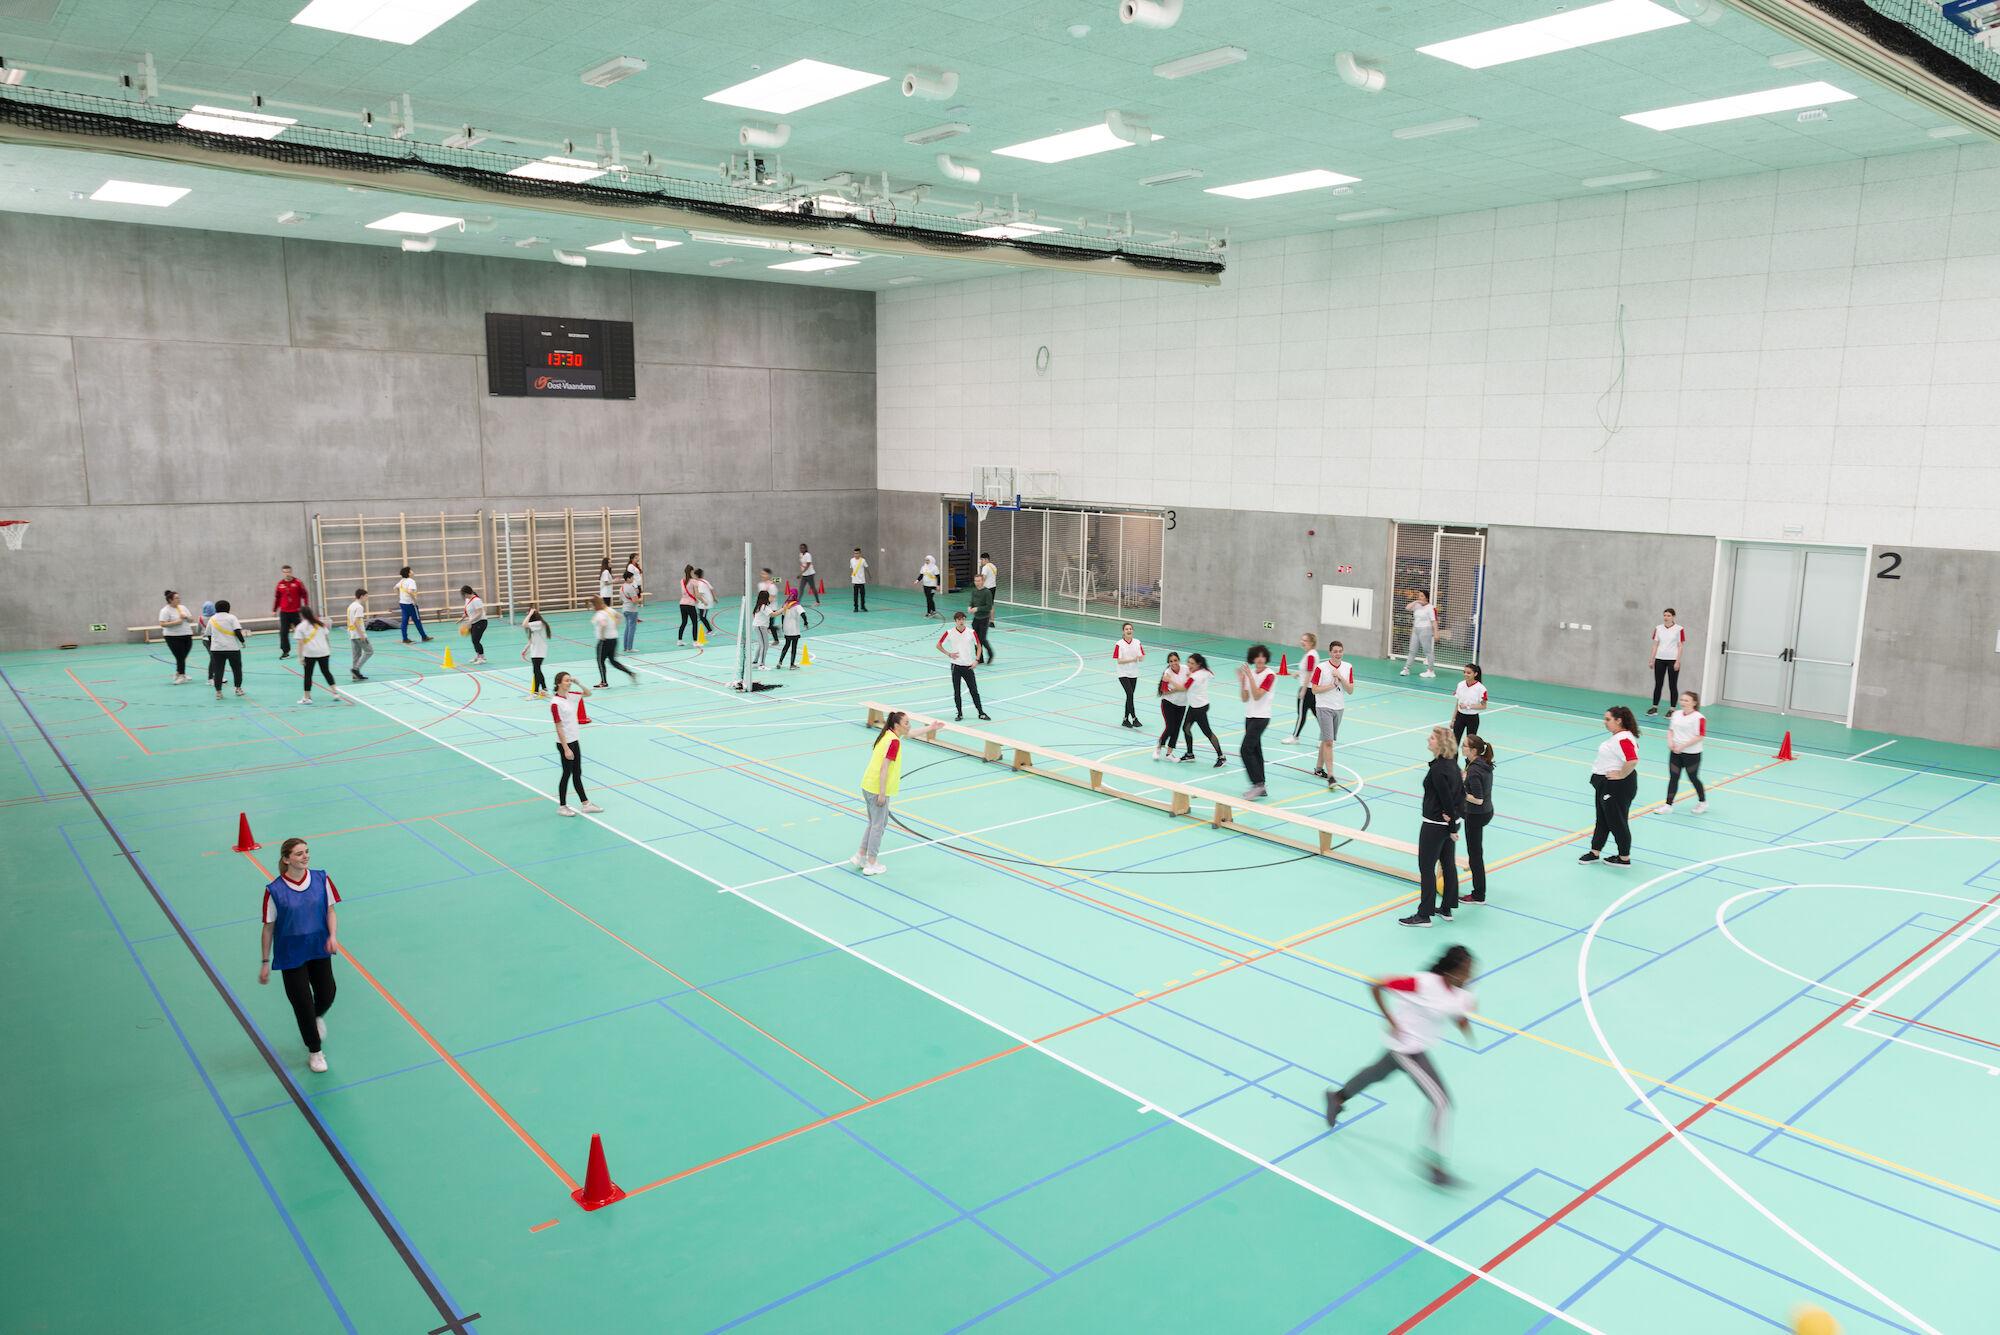 20190311 Officiële opening sporthal Henleykaai 31.jpg